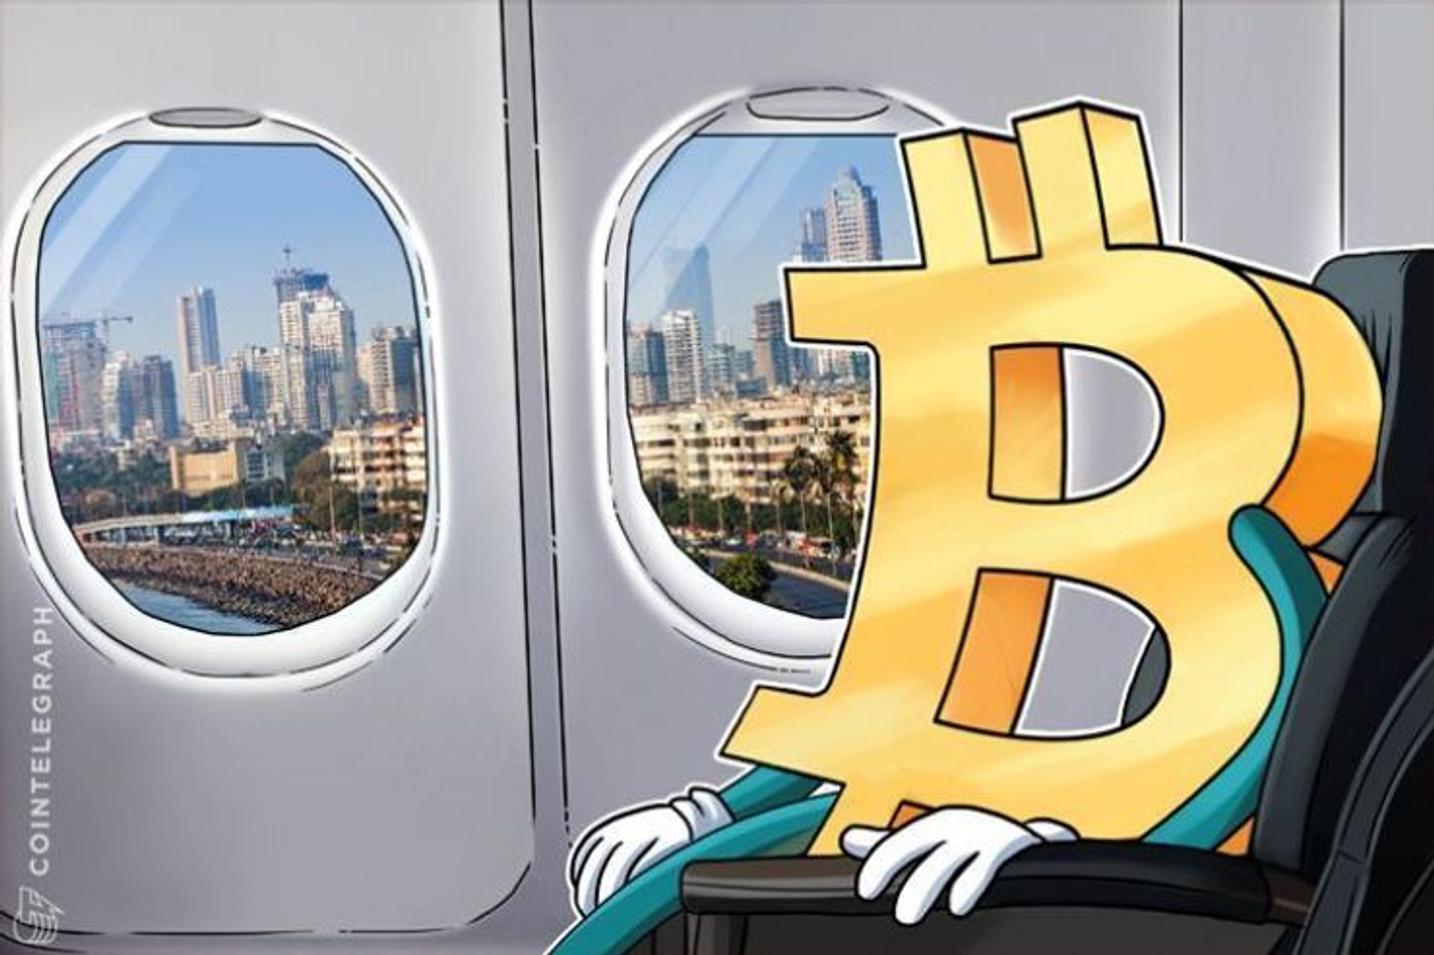 Latinoamérica: Prevén mayor utilización de Blockchain y criptomonedas en turismo